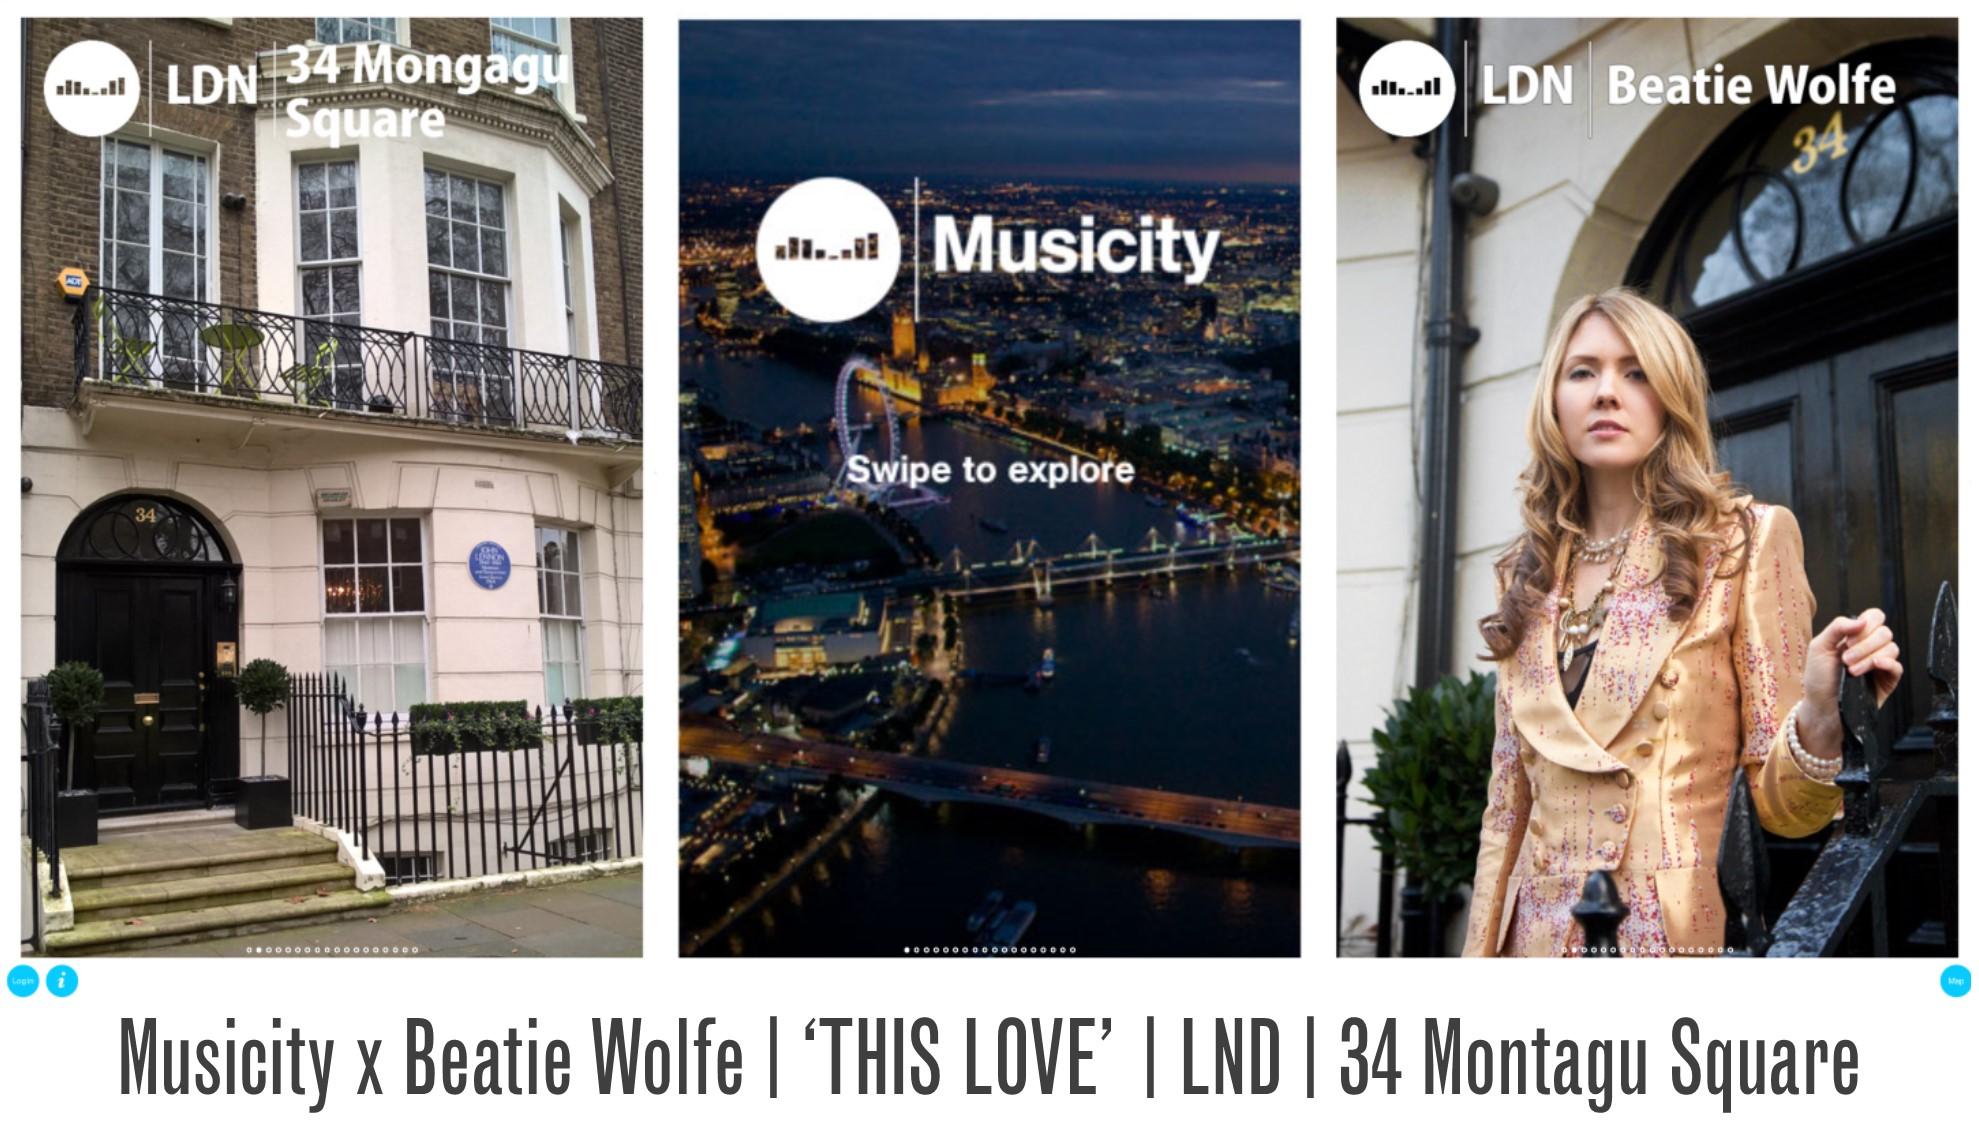 Musicity LND - Beatie Wolfe x 34 Montagu Square